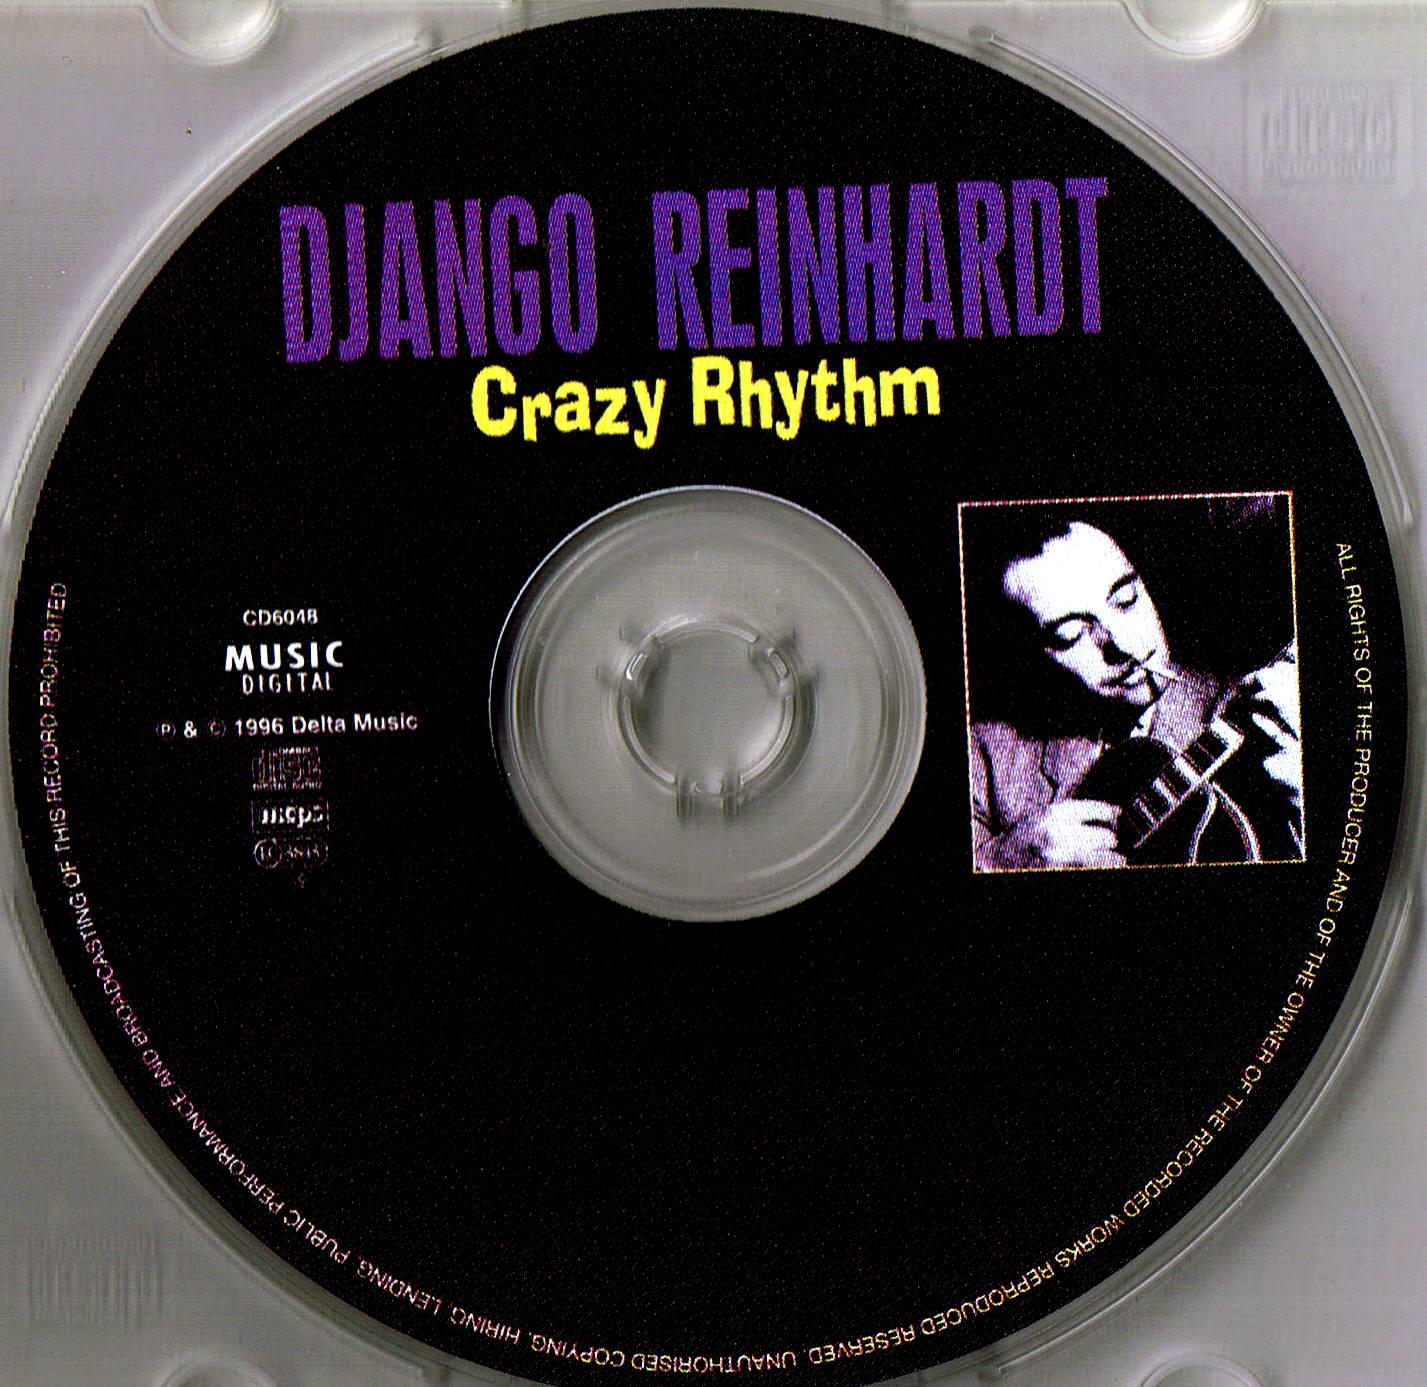 02|02 导览列连结 musik cds jazz world jazz  between the